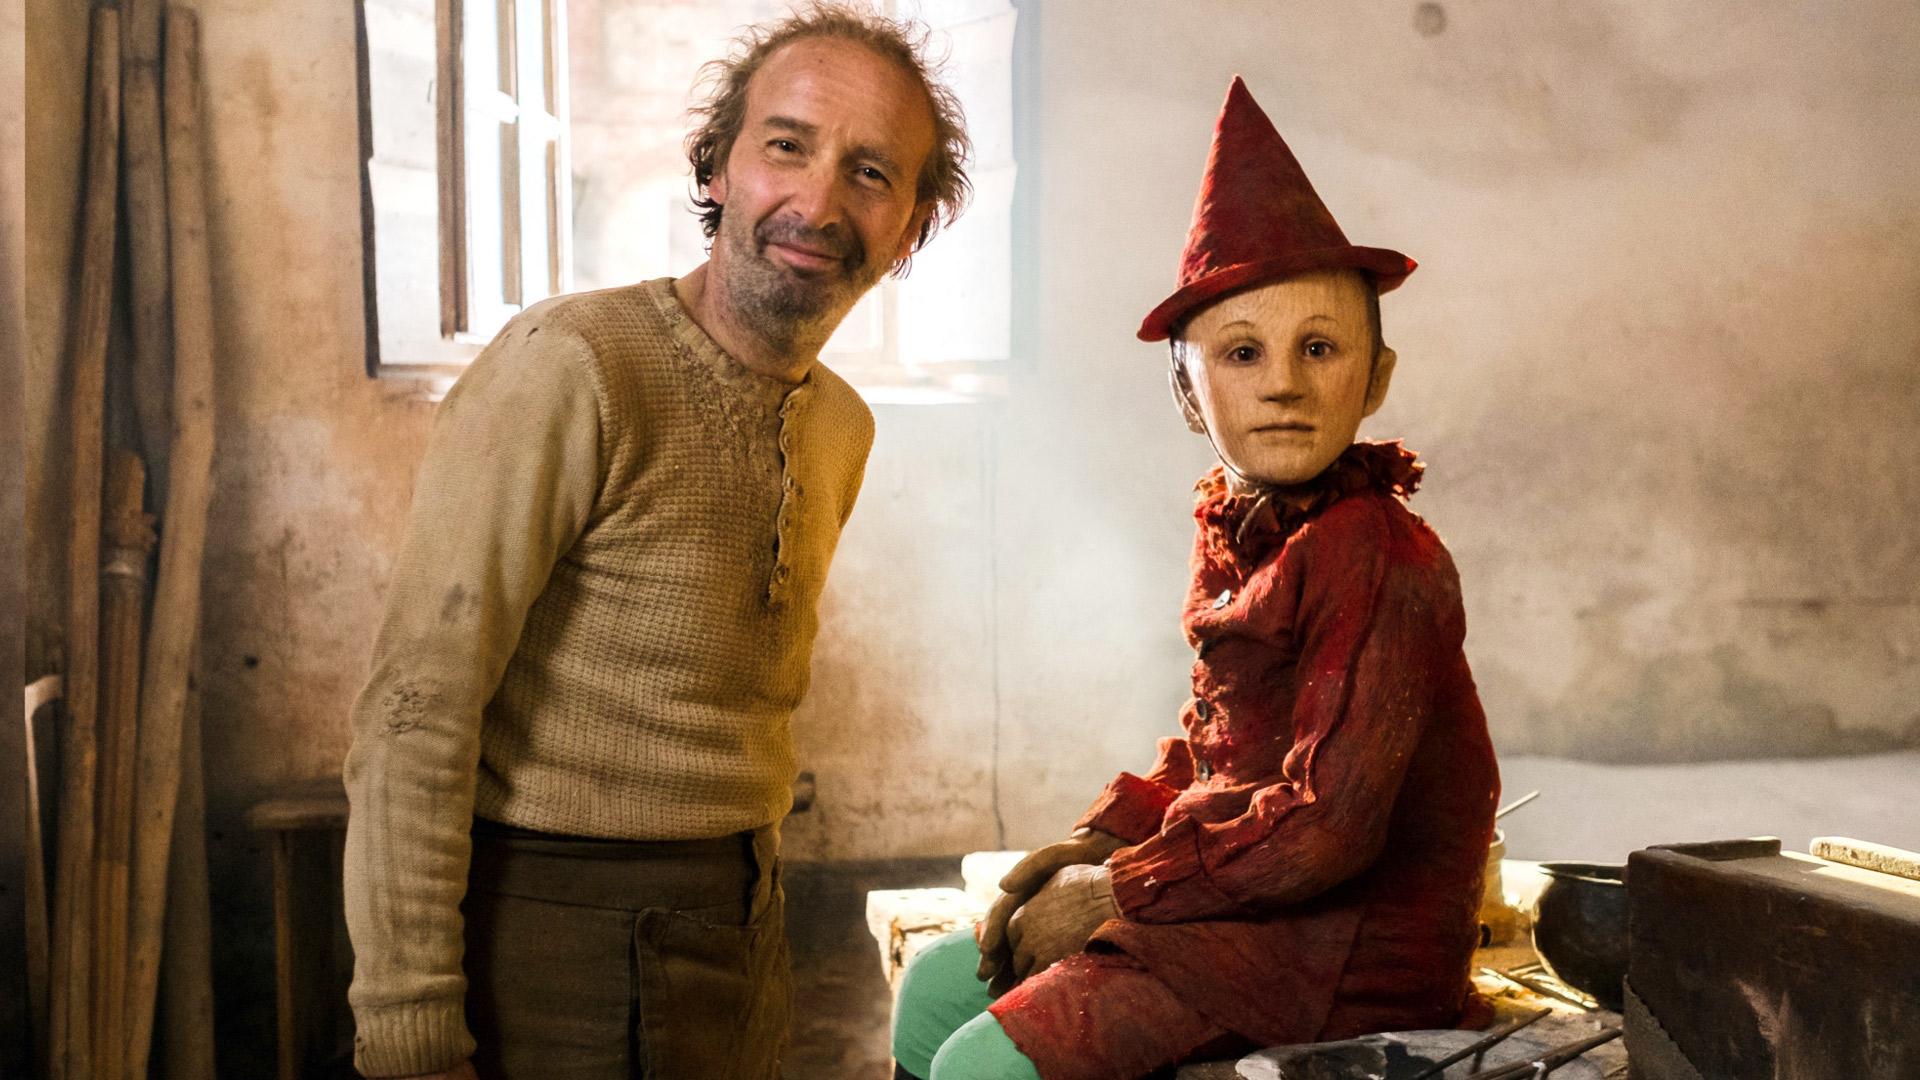 Pinocchio (2020)